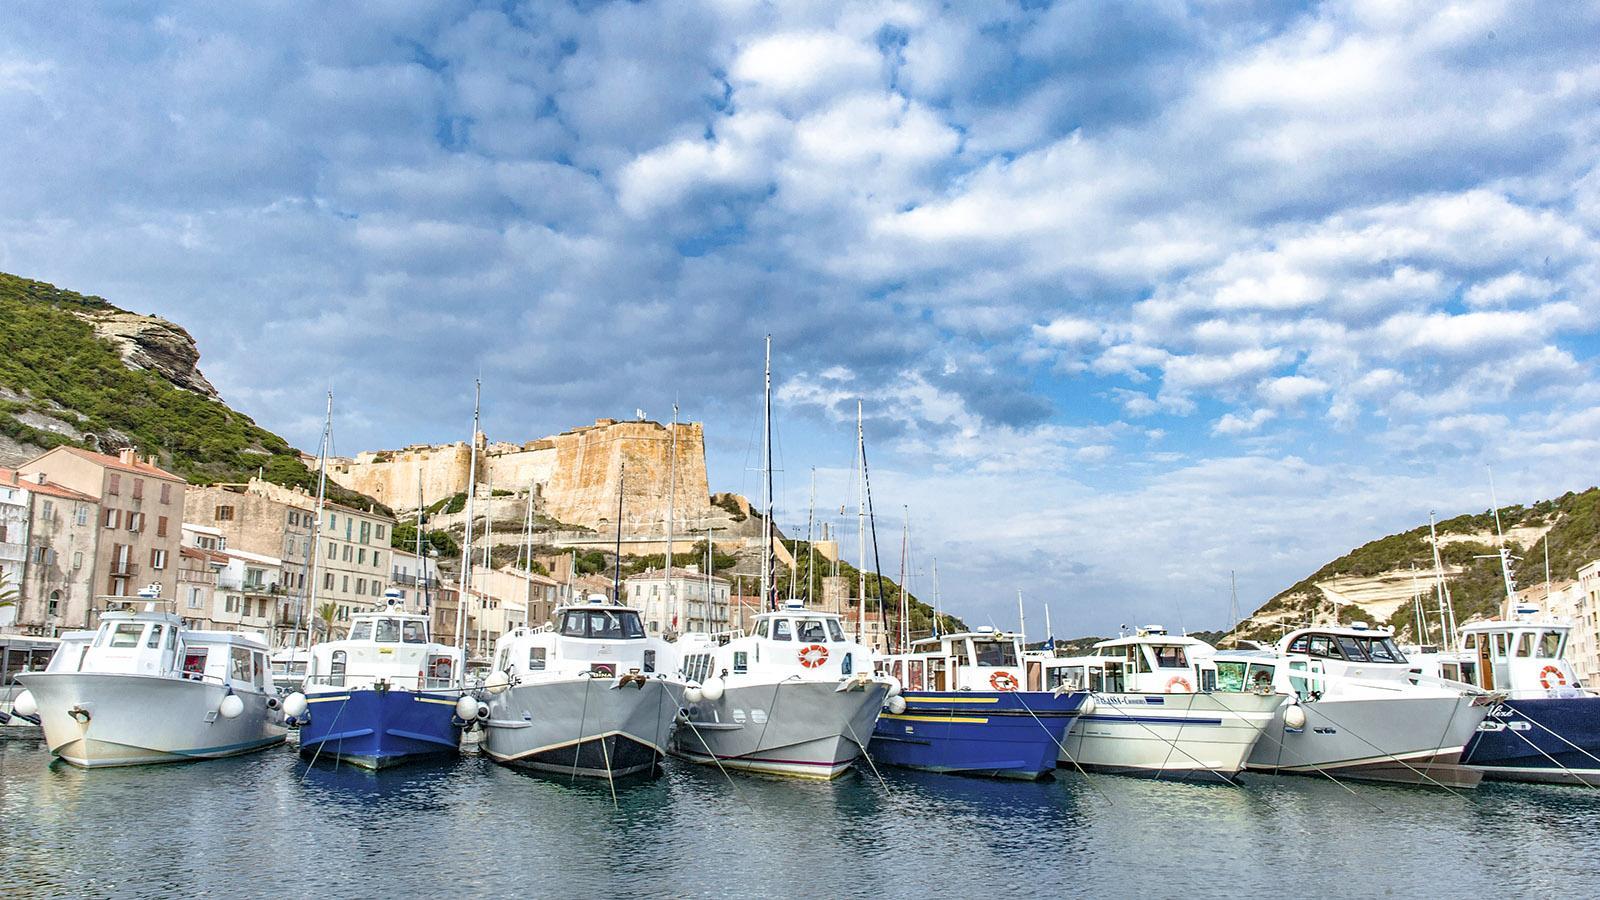 Der Hafen von Bonifacio. Foto: Hilke Maunder